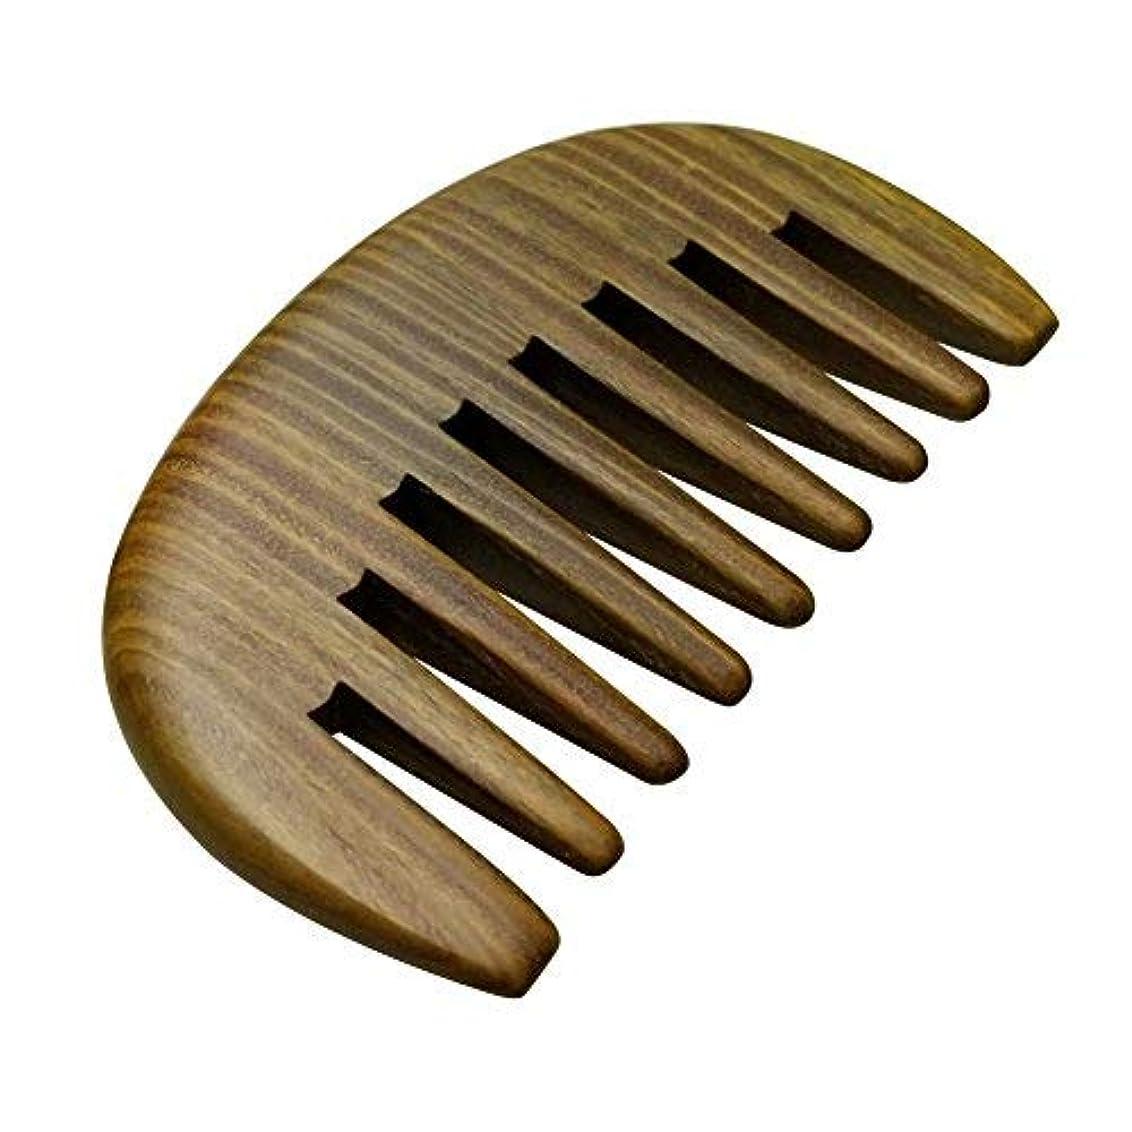 はっきりと開発ビームHair Comb Wooden Wide Tooth Detangling Comb for Curly Hair Anti-Static Wood Combs Handmade Natural Sandalwood...